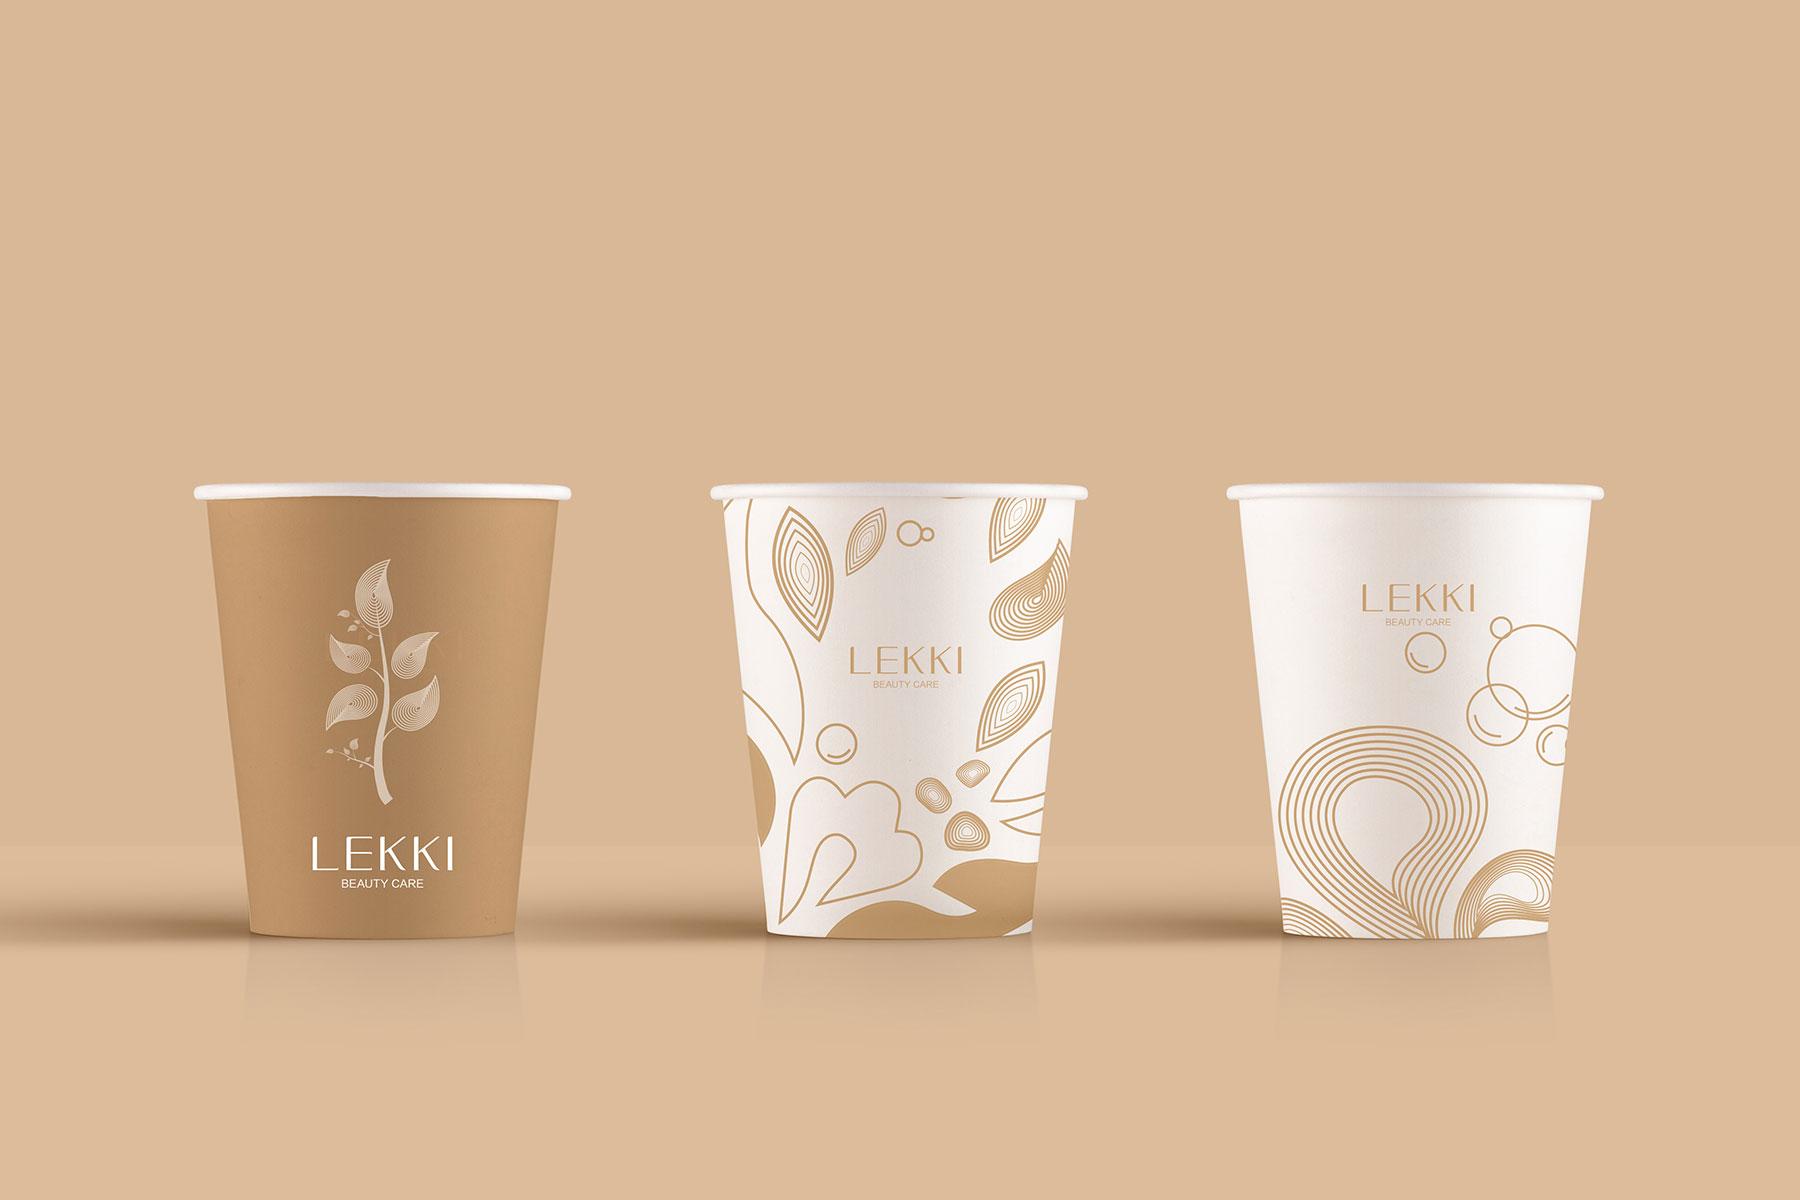 LEKKI乐颜集品牌全案策划设计:水杯设计